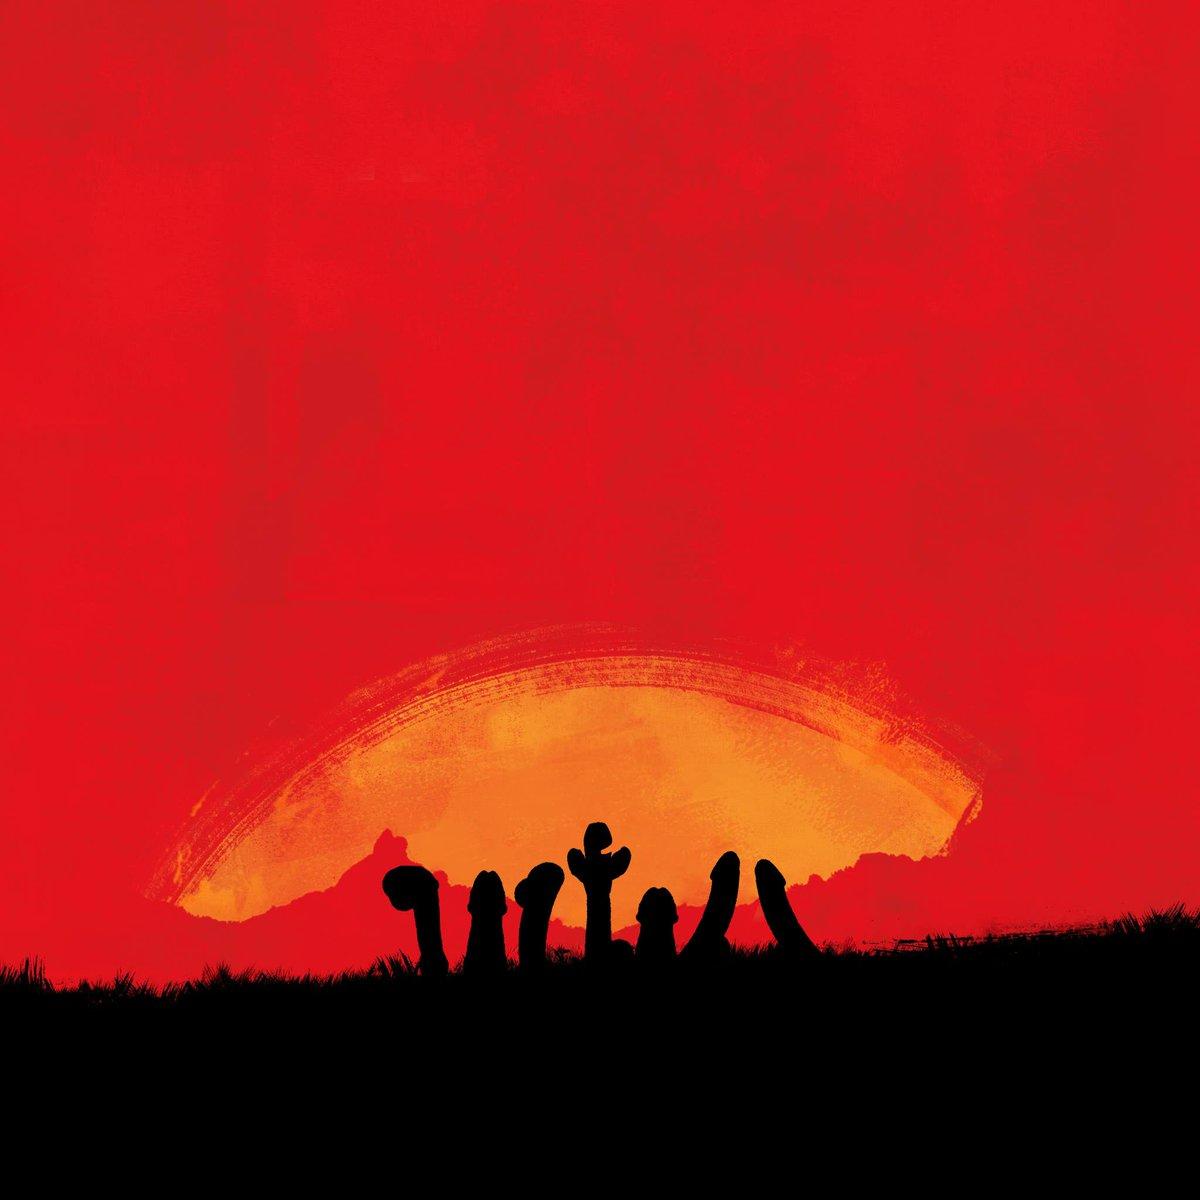 Поклонники Red Dead Redemption сходят с ума, уморительный флешмоб связанный с обложкой